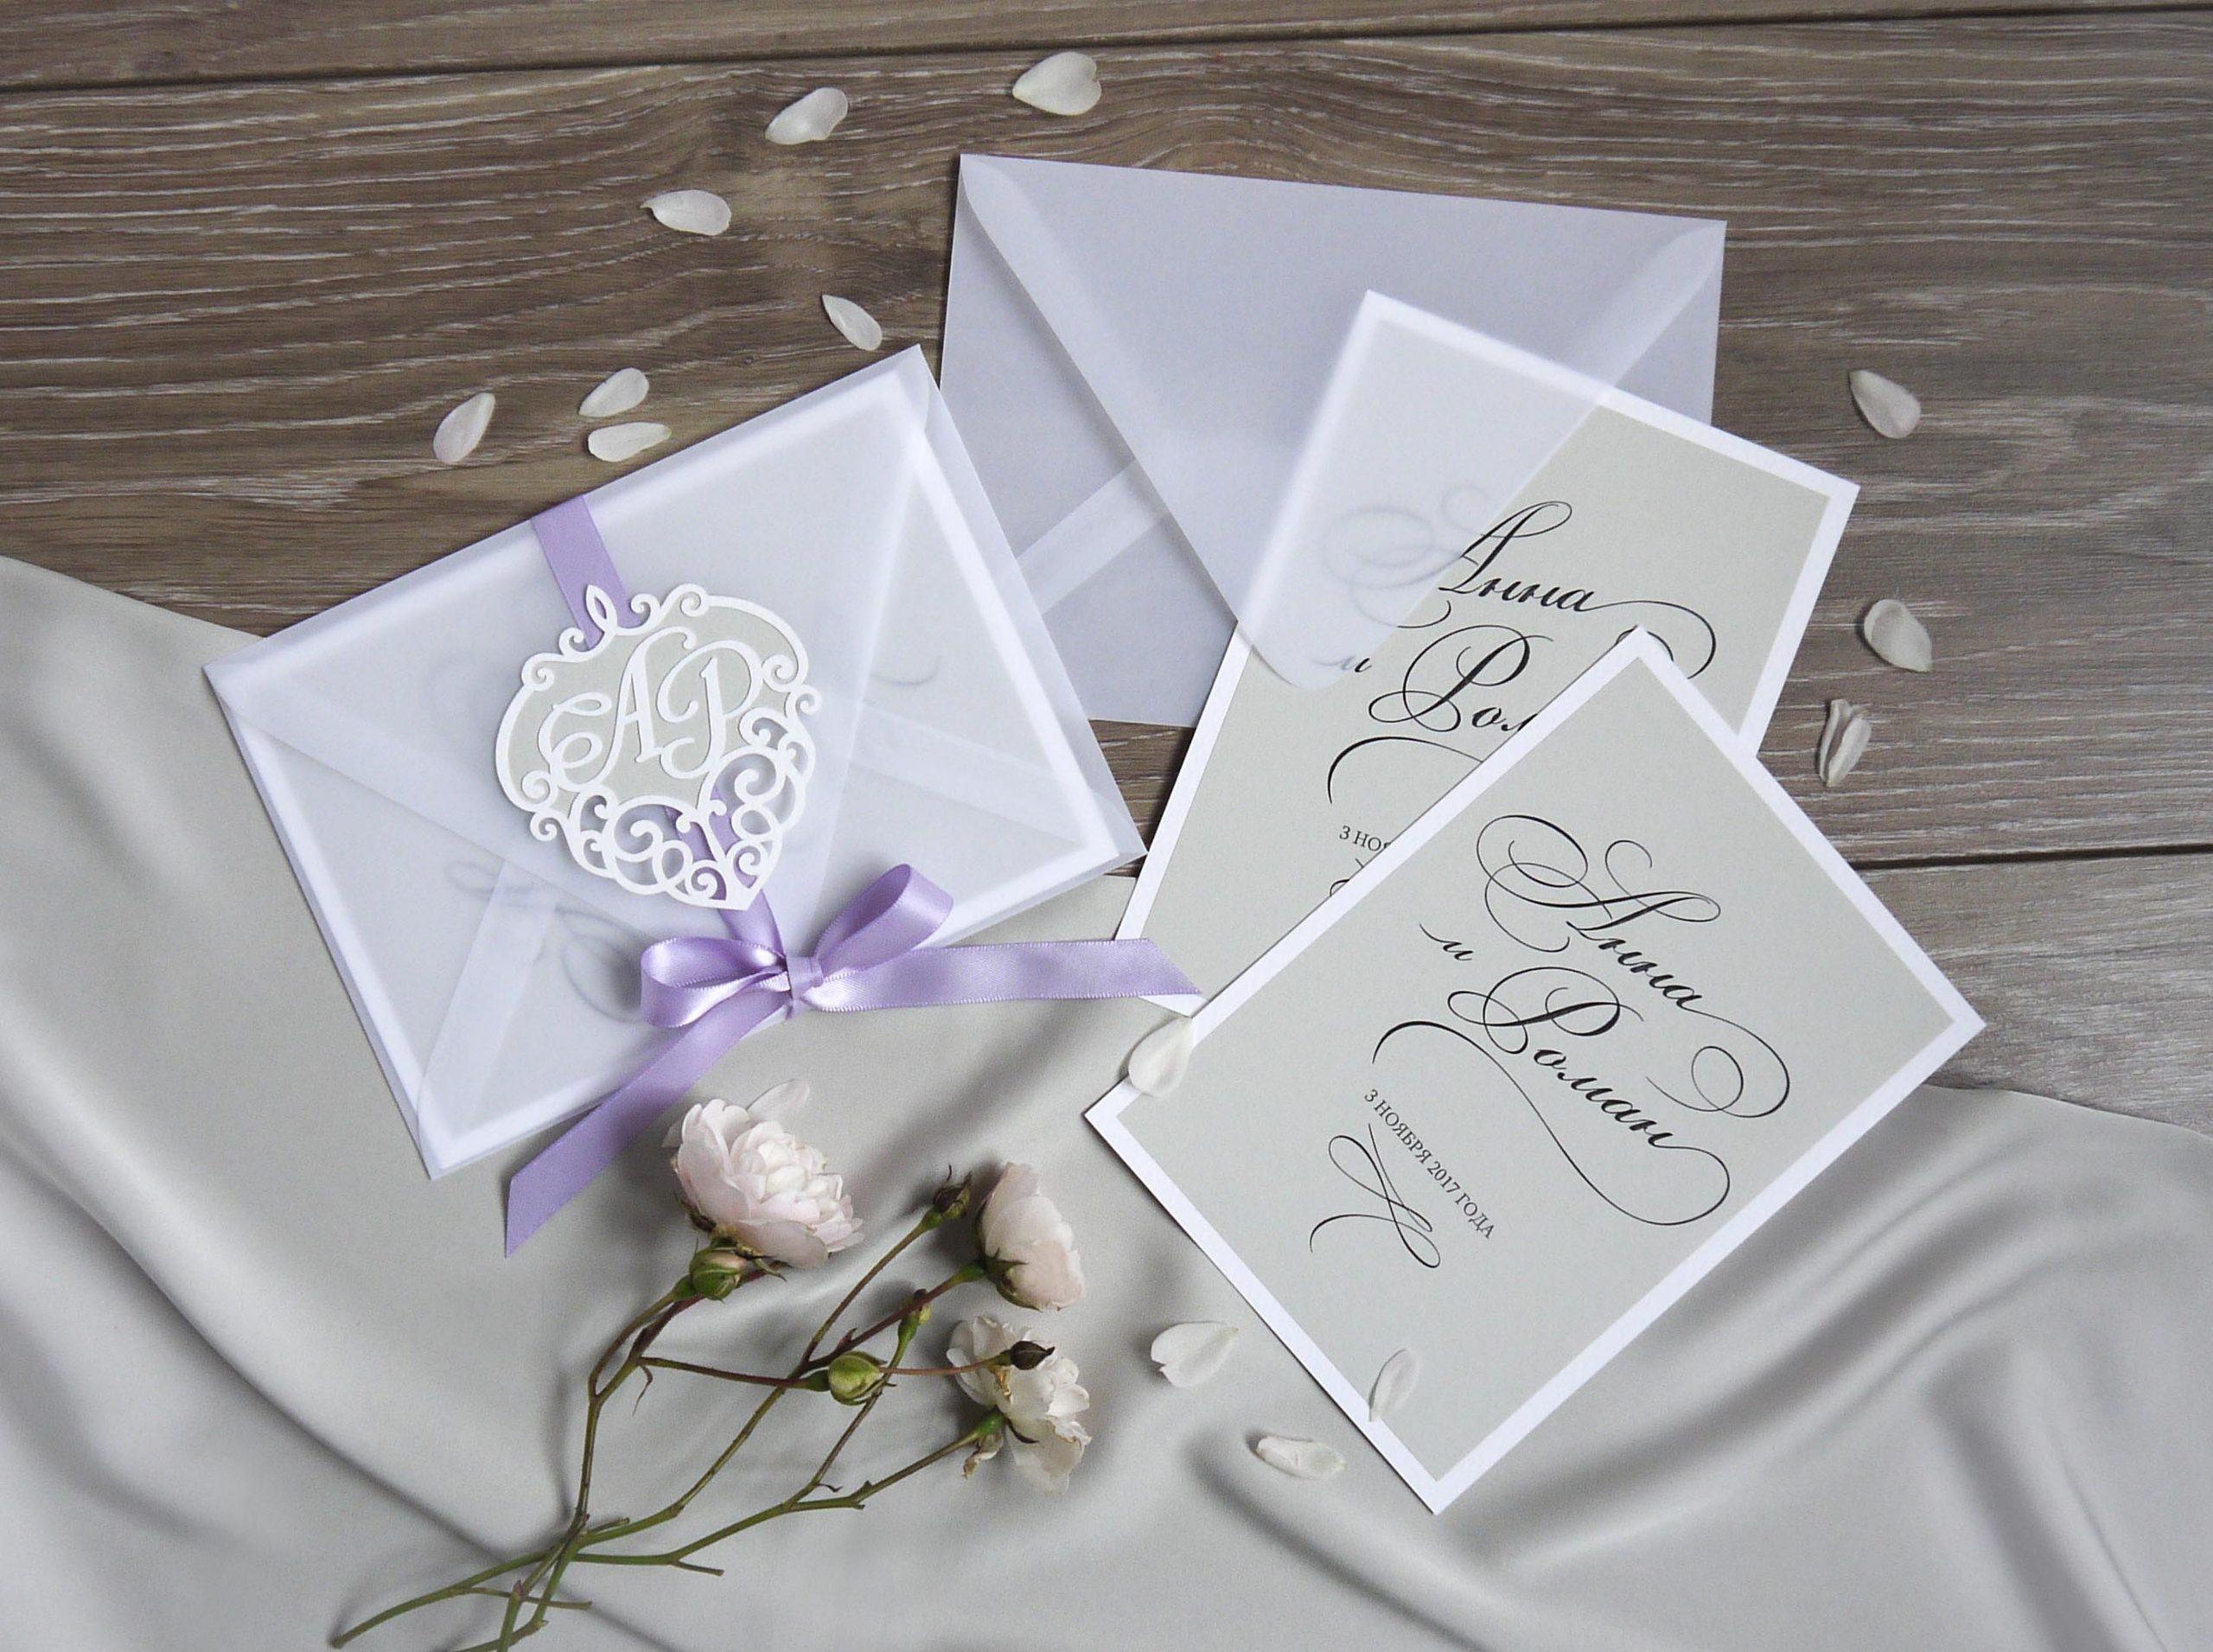 Печать эксклюзивных приглашений на свадьбу в tprint